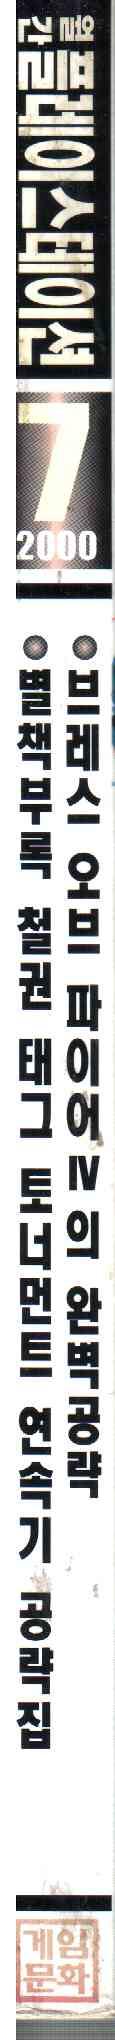 월간 플레이스테이션 2000년 7월호